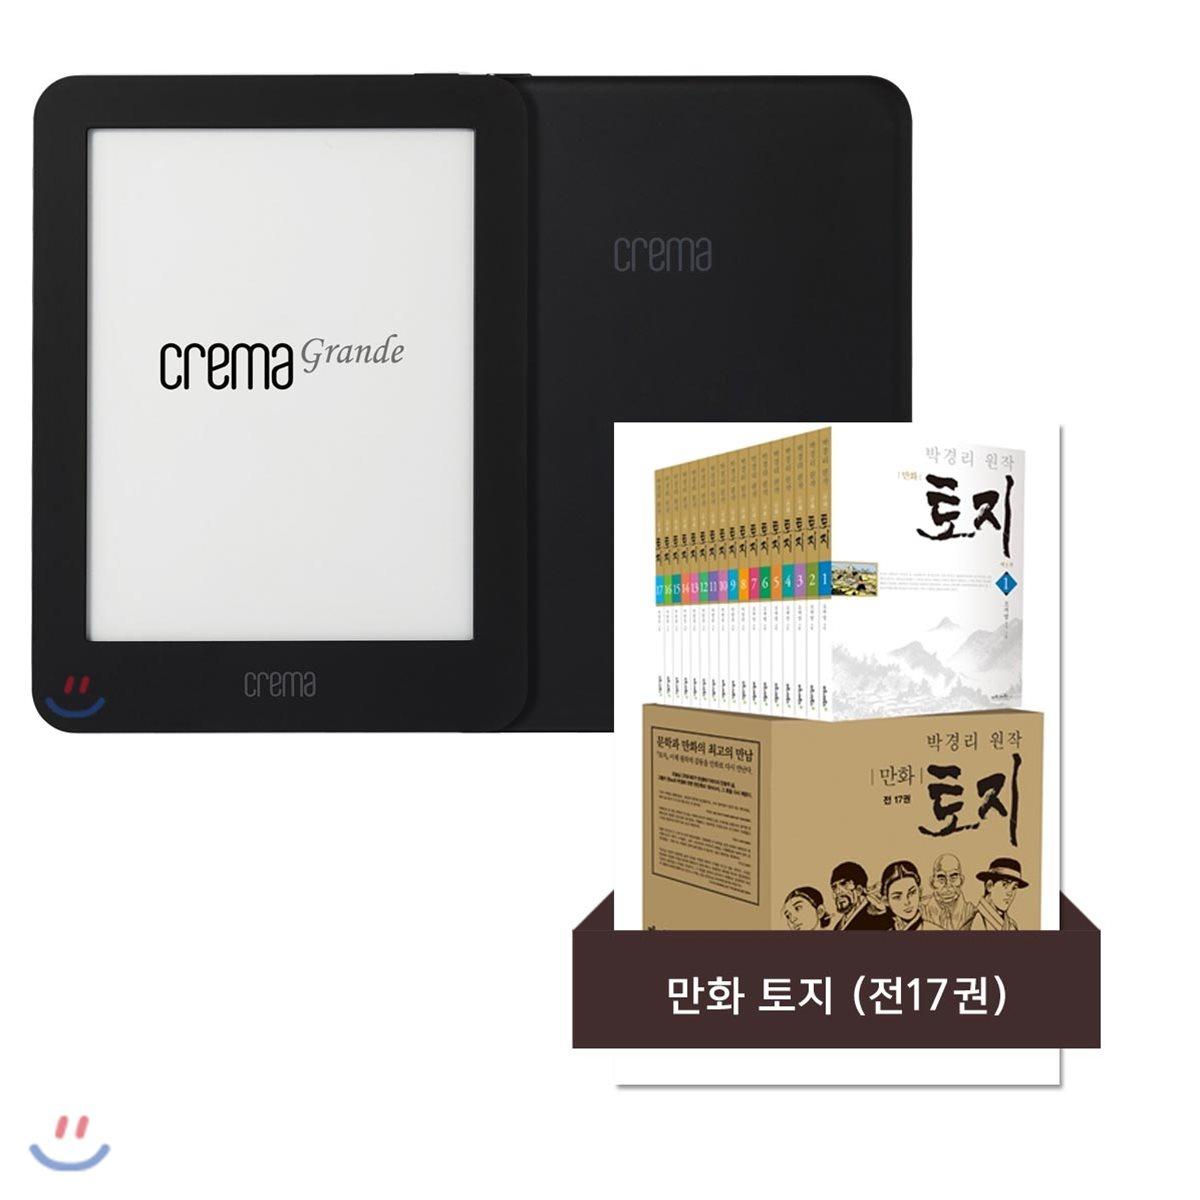 예스24 크레마 그랑데 (crema grande) : 블랙 + [50년소장][고화질세트] 박경리 원작 만화 토지 (전17권/완결)